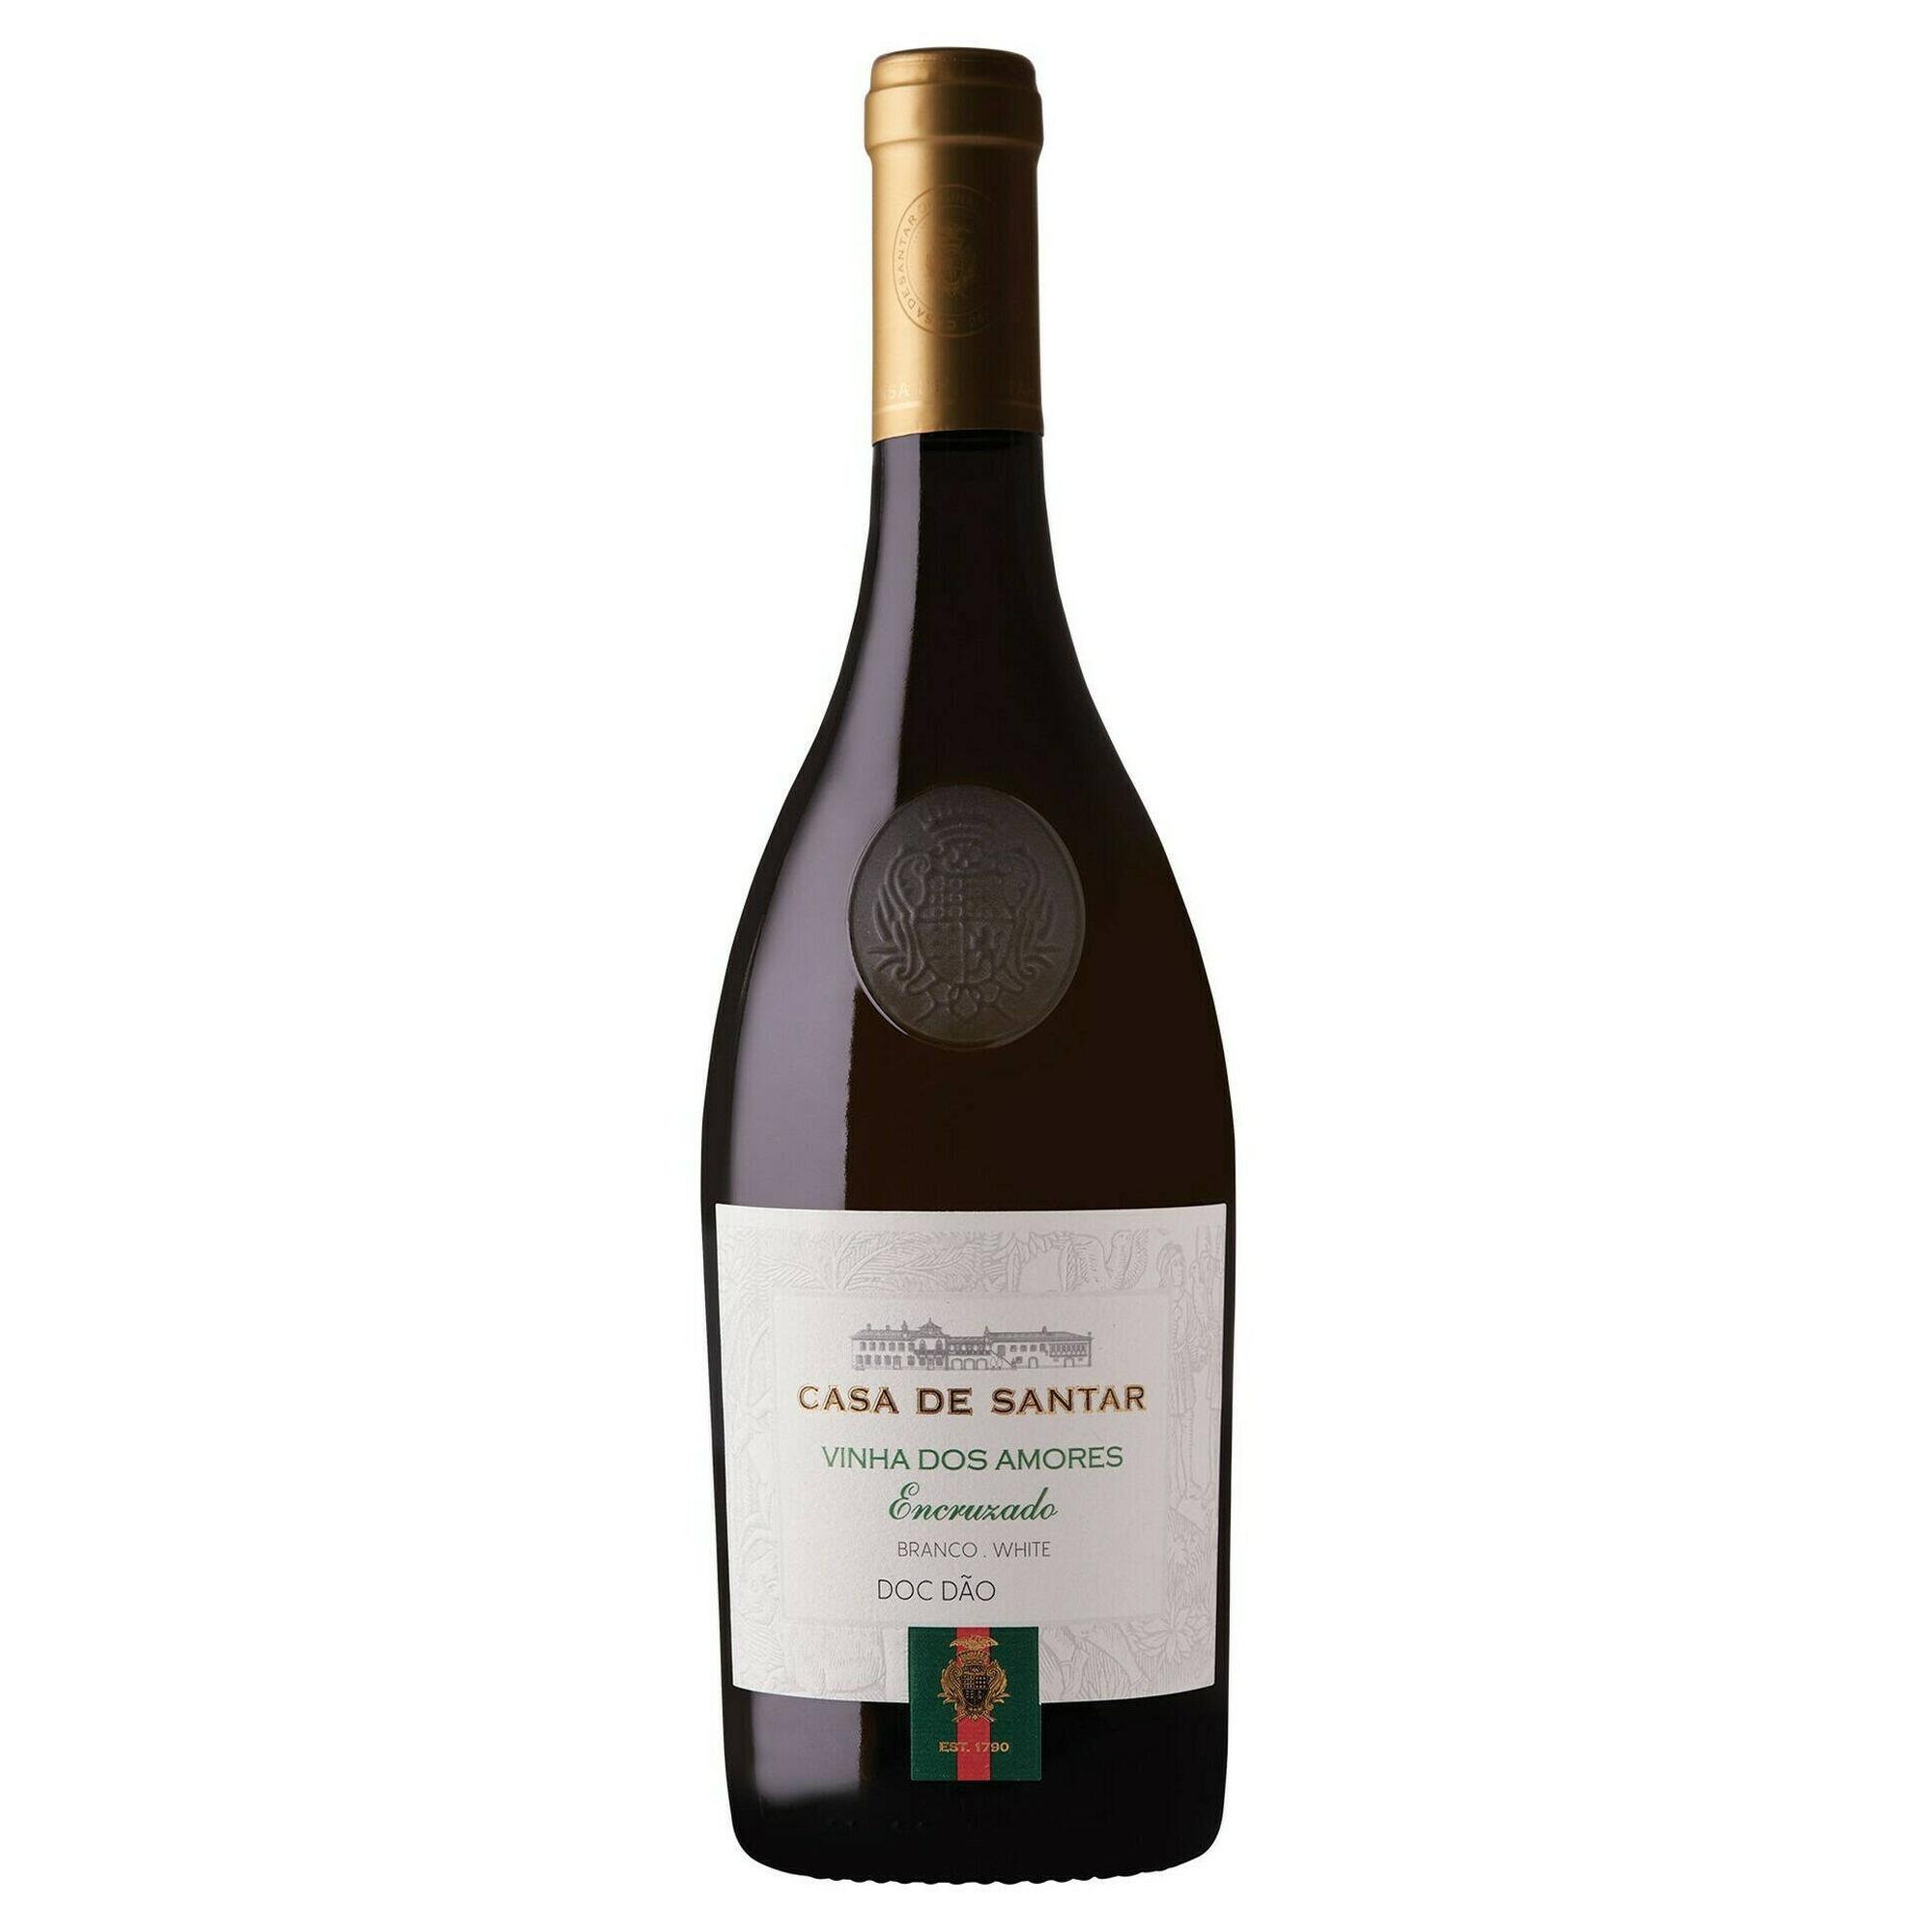 Casa Santar Vinha dos Amores Encruzado DOC Dão Vinho Branco